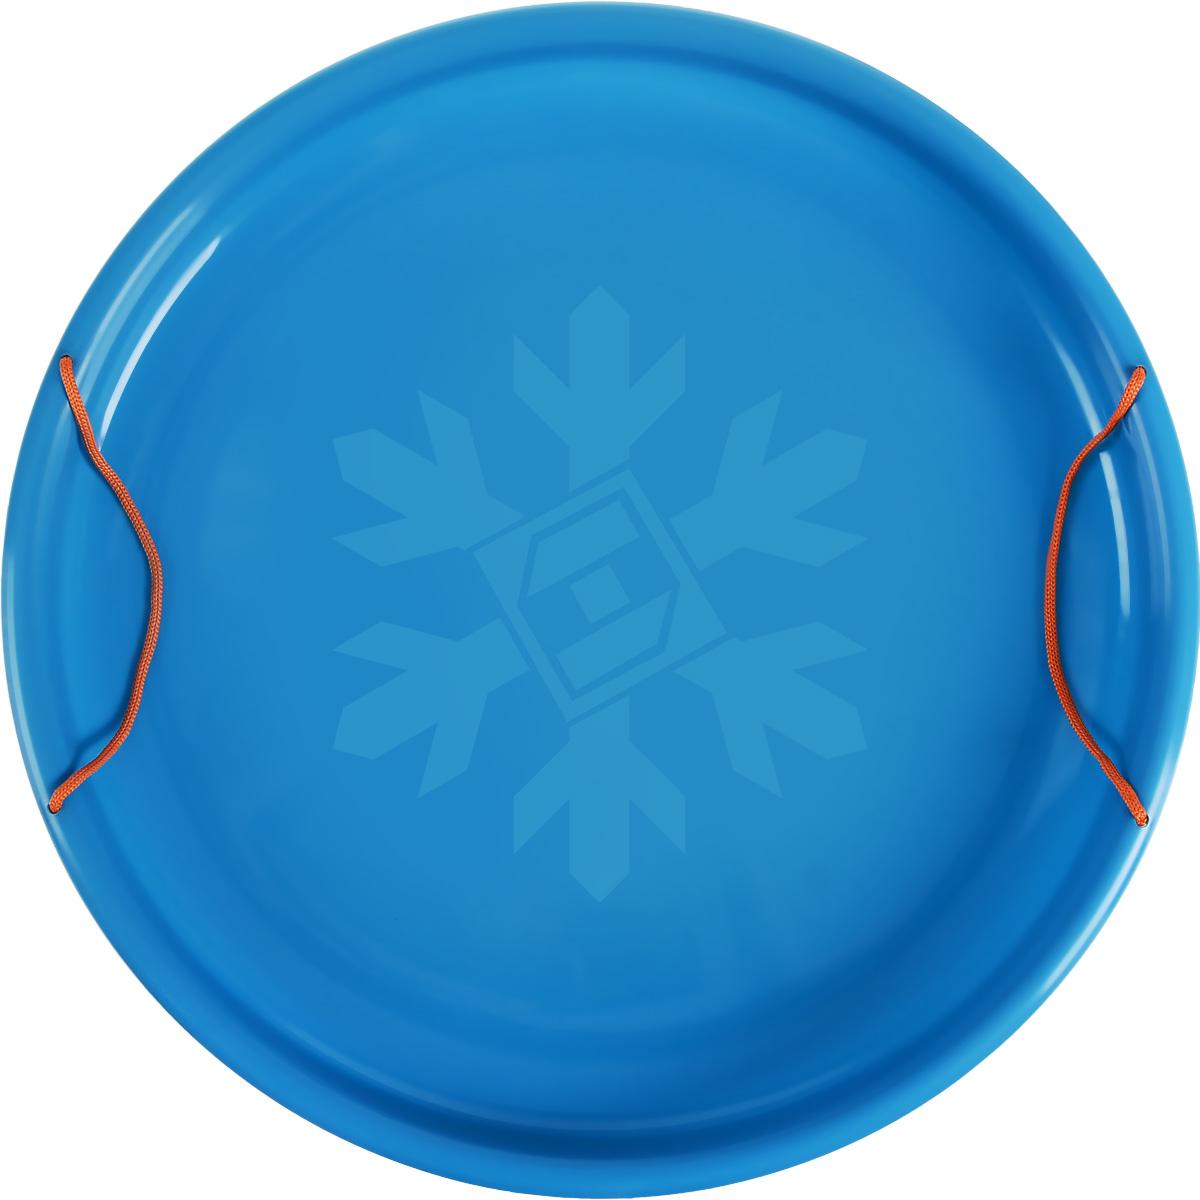 Санки-ледянки Престиж Экстрим, цвет: голубой, диаметр 53 смLA010301Любимая детская зимняя забава - это катание с горки. Яркие санки-ледянки Престиж Экстрим станут незаменимым атрибутом этой веселой детской игры. Санки-ледянки - это специальная пластиковая тарелка, облегчающая скольжение и увеличивающая скорость движения по горке. Ледянка выполнена из прочного гибкого пластика и снабжена двумя ручками по бокам. Конфигурация санок позволяет удобно сидеть и развивать лучшую скорость. Благодаря малому весу ледянку, в отличие от обычных санок, легко нести с собой даже ребенку.